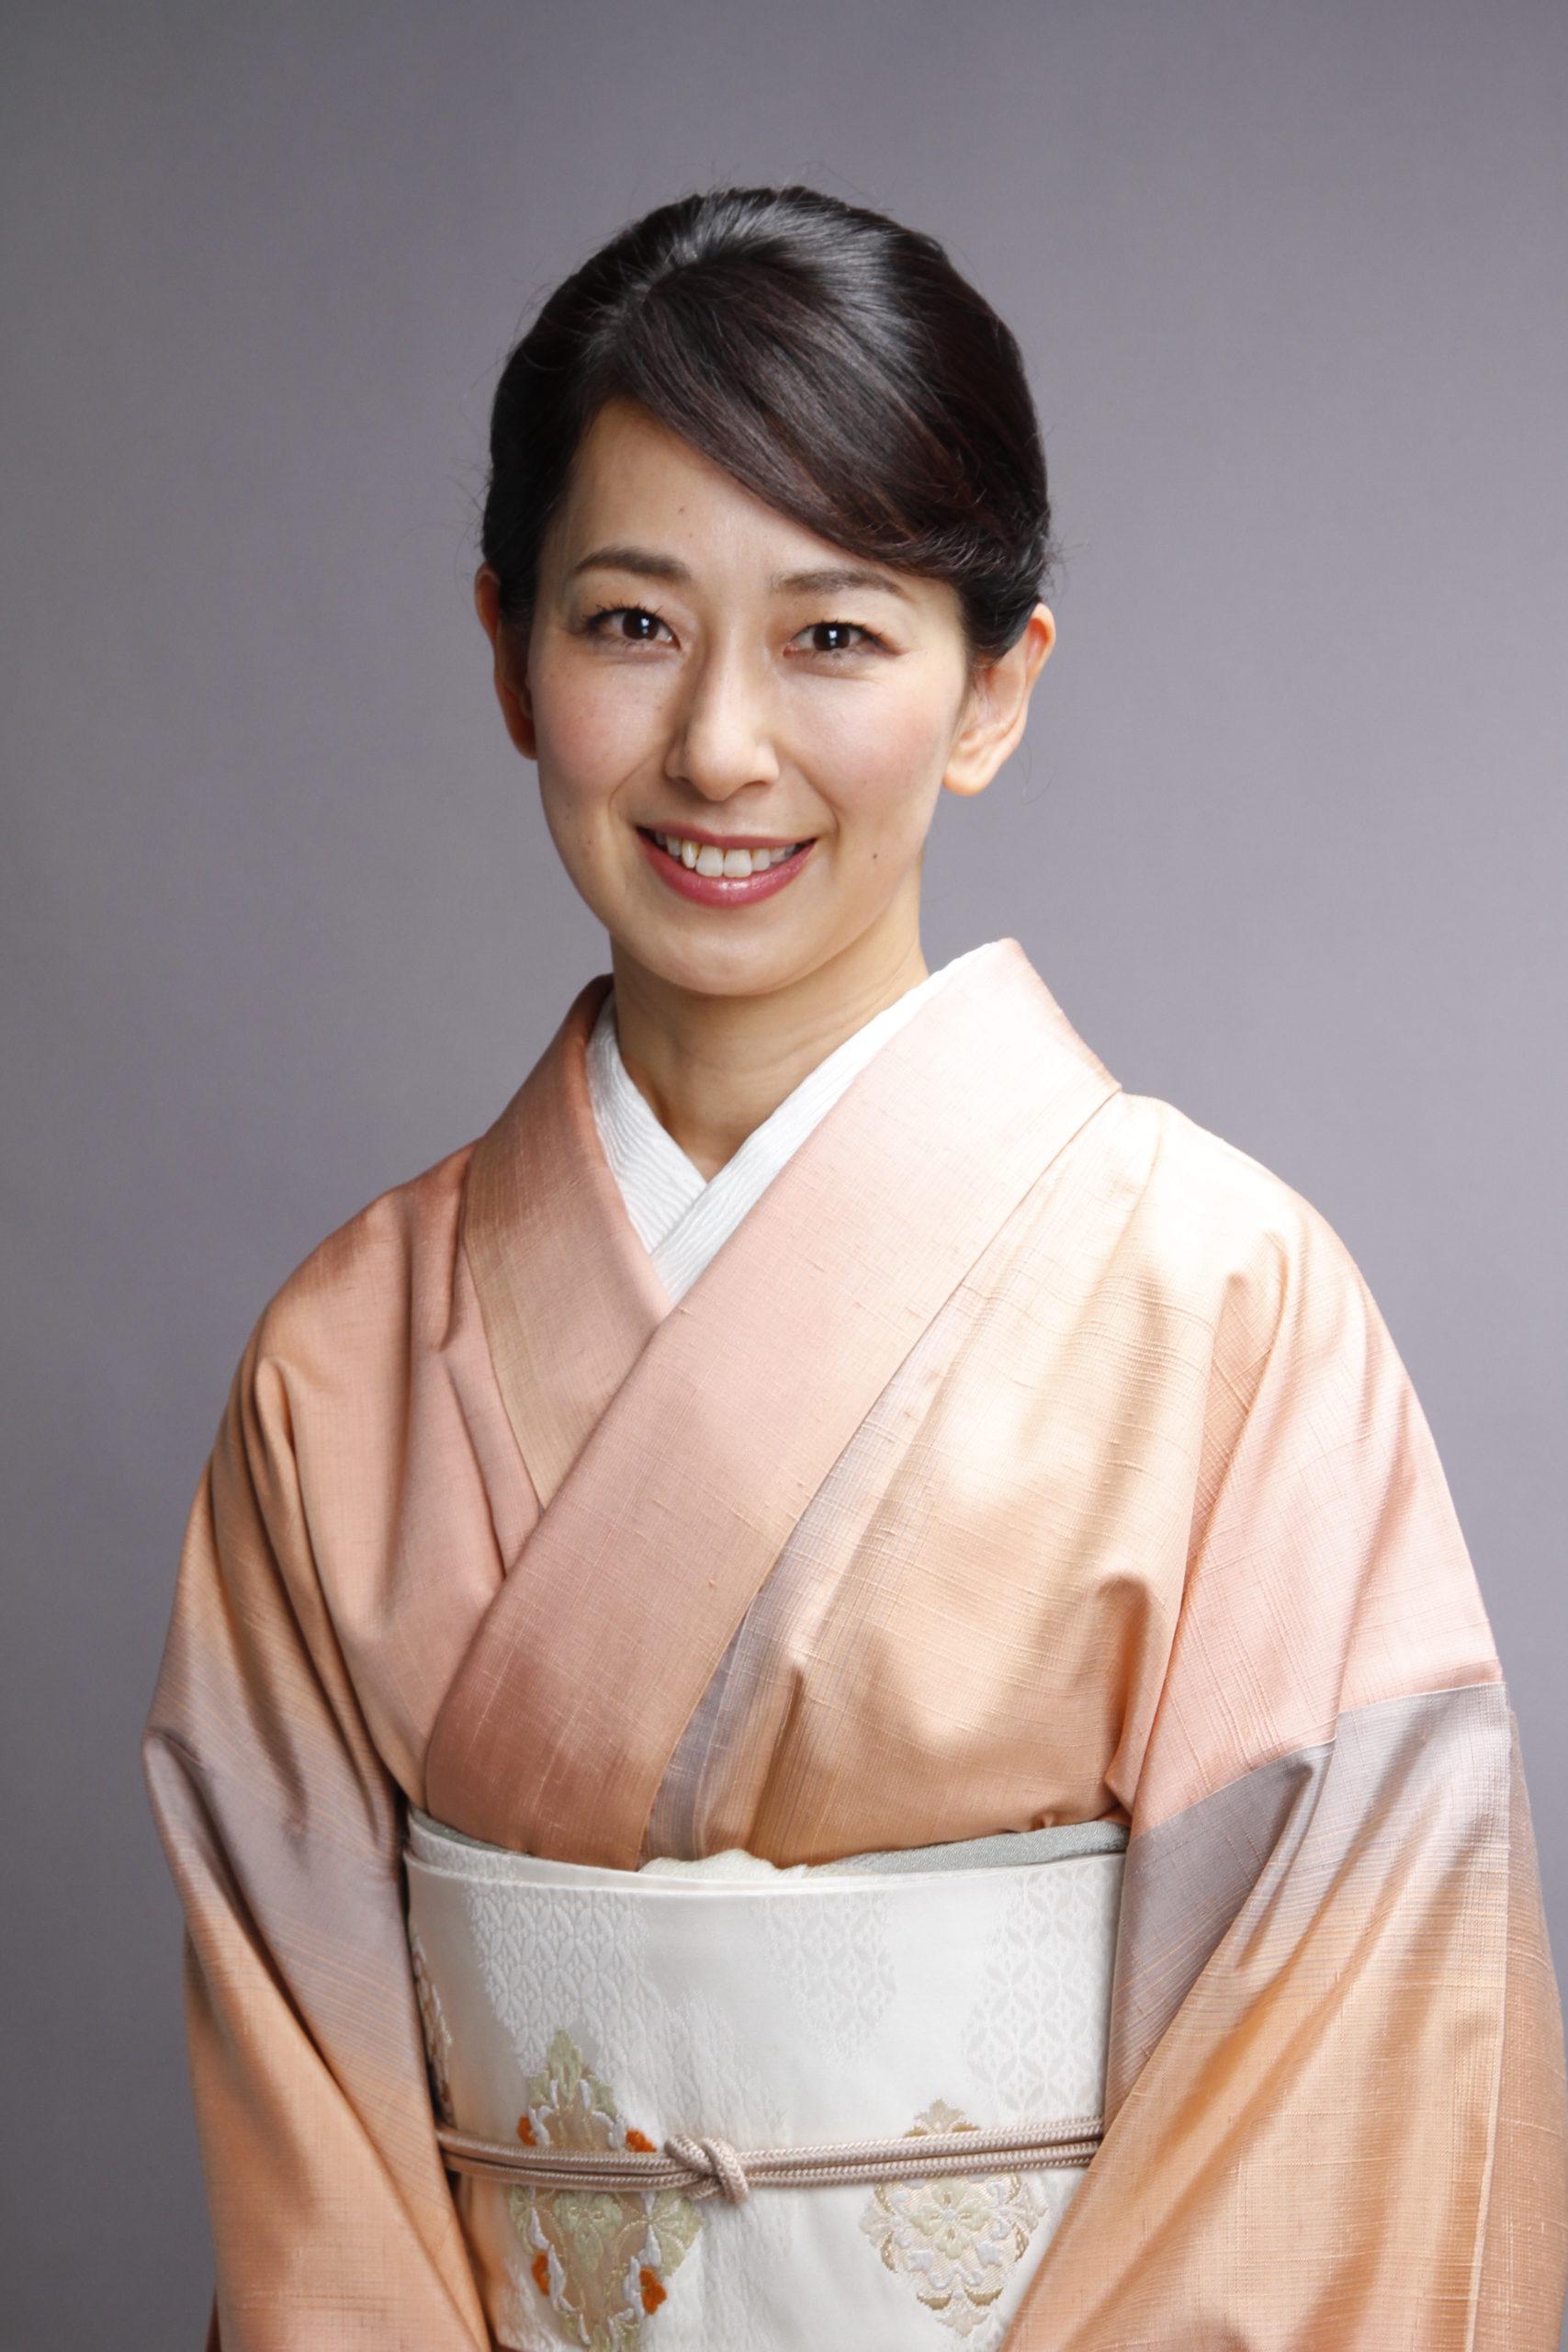 京都を拠点に着物文化の伝承を行う着物研究科『柾木良子』の講演会開始!